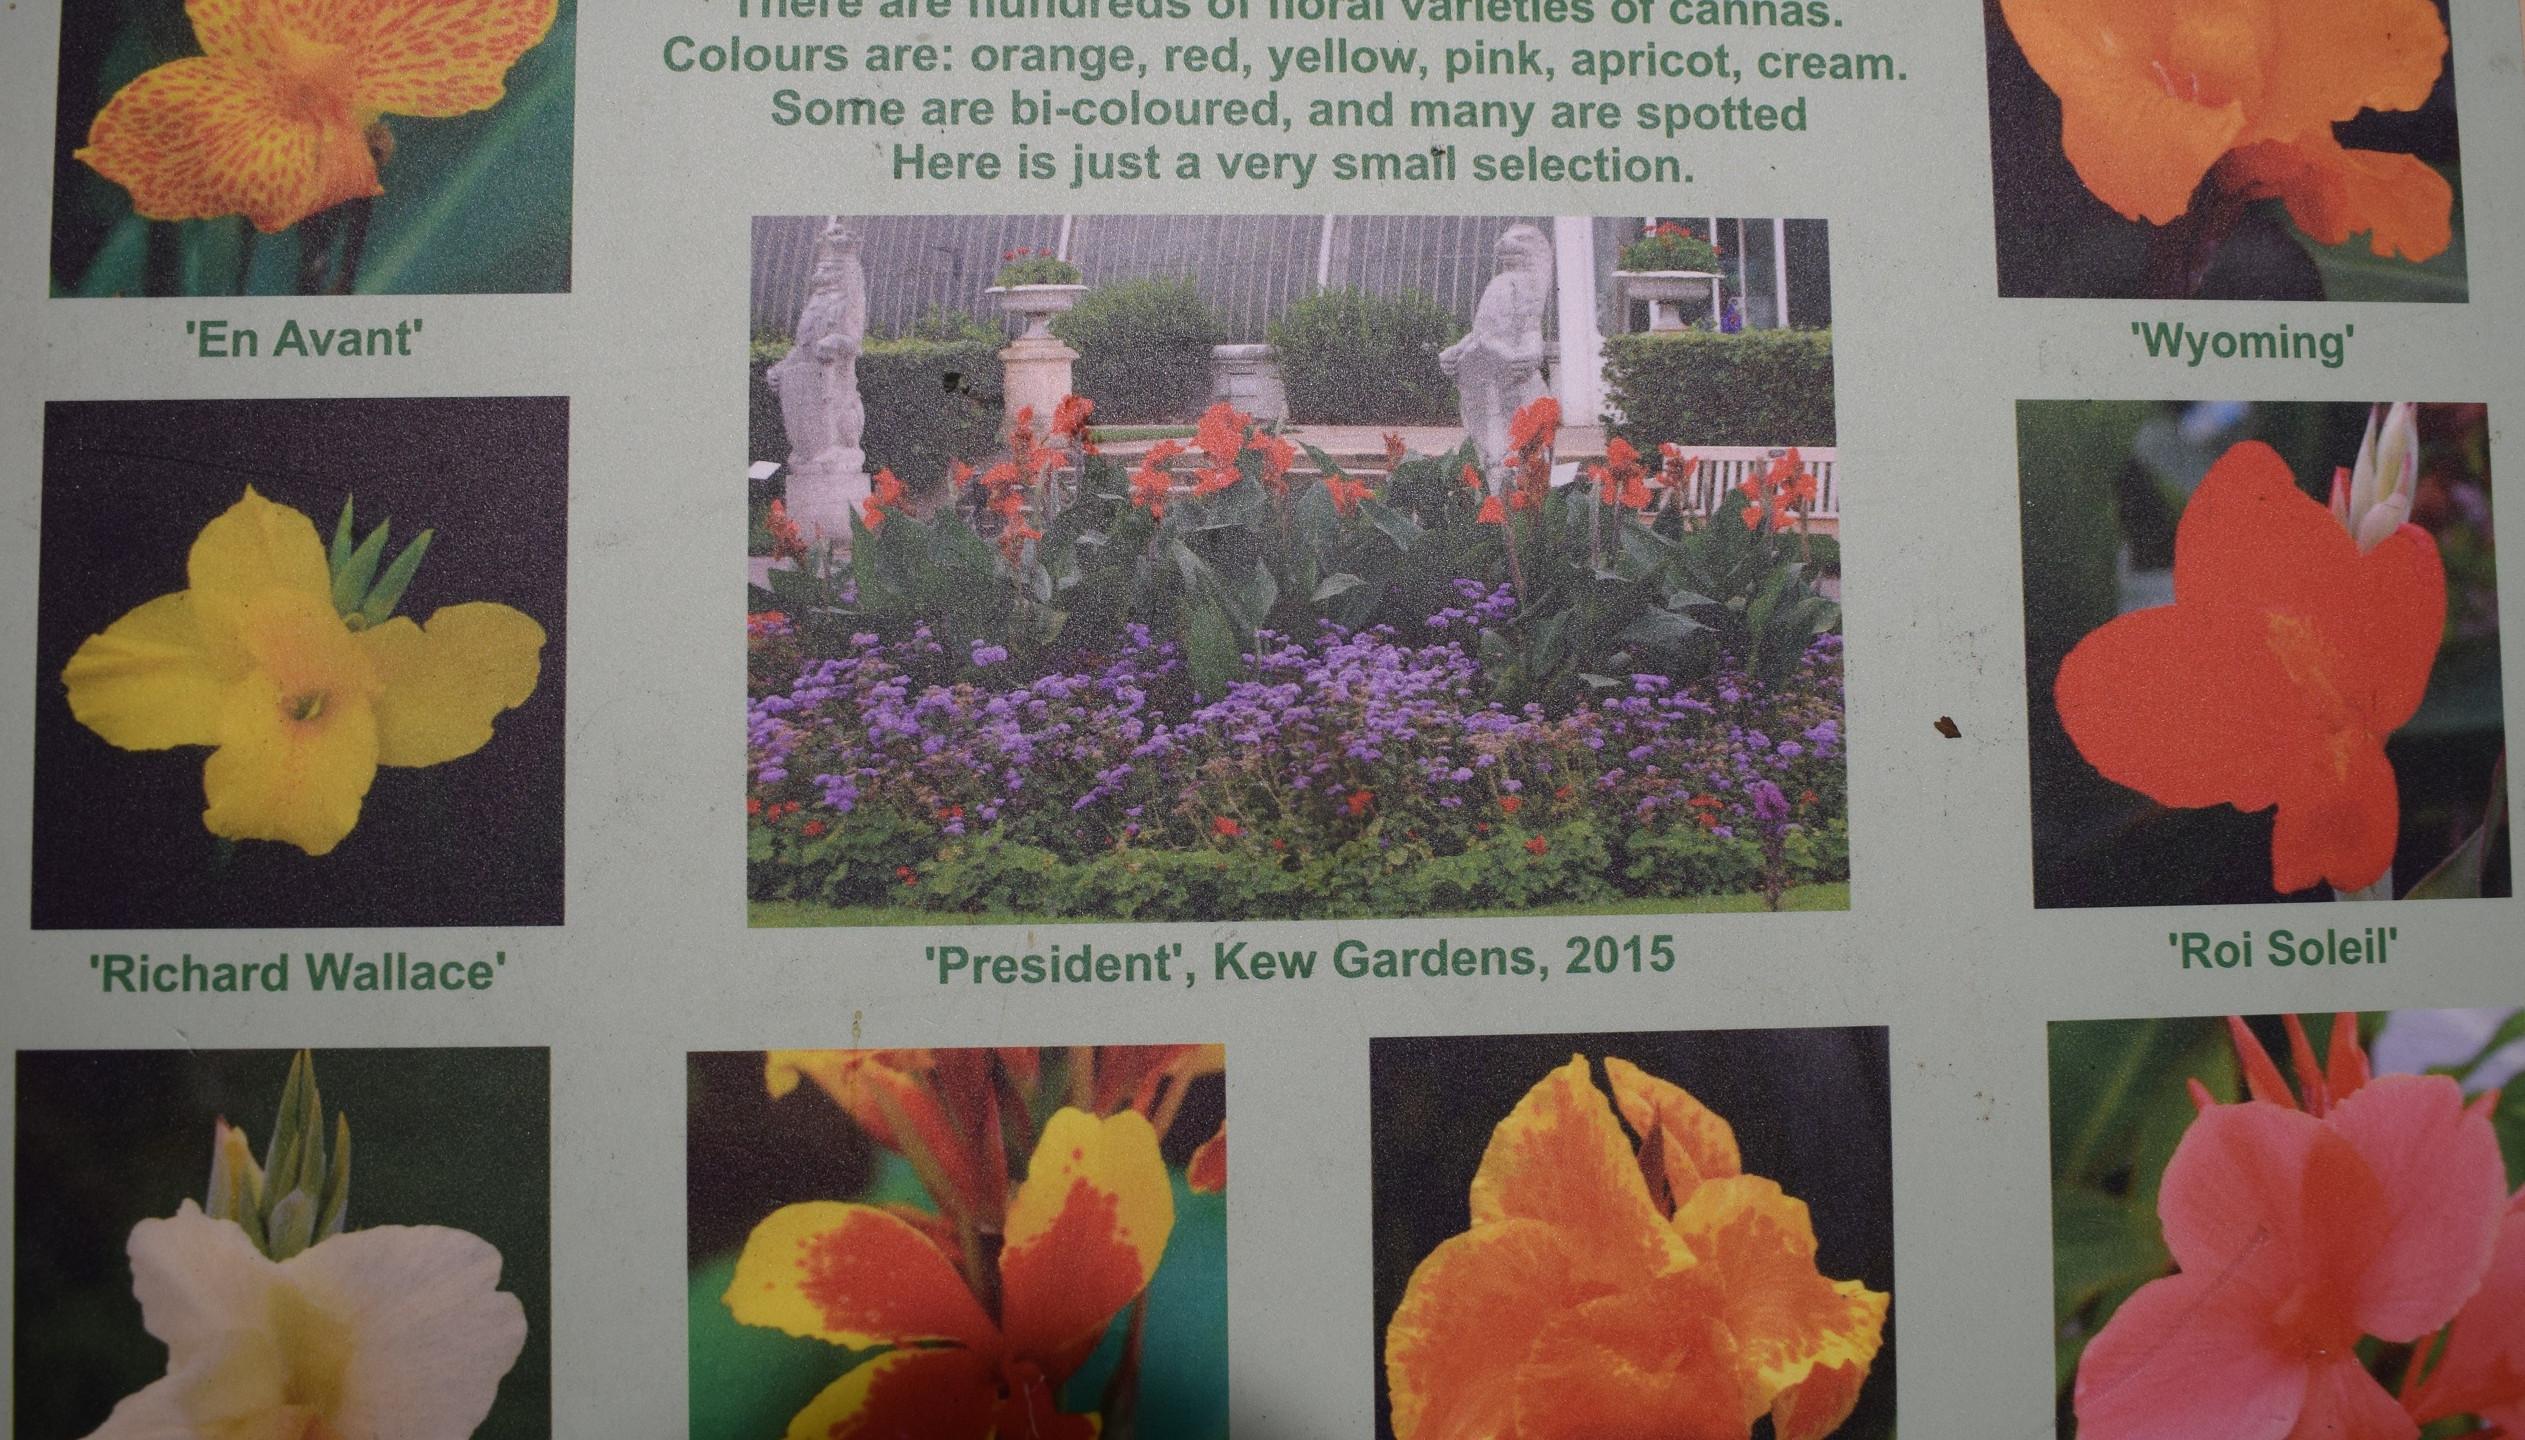 Floral Varieties